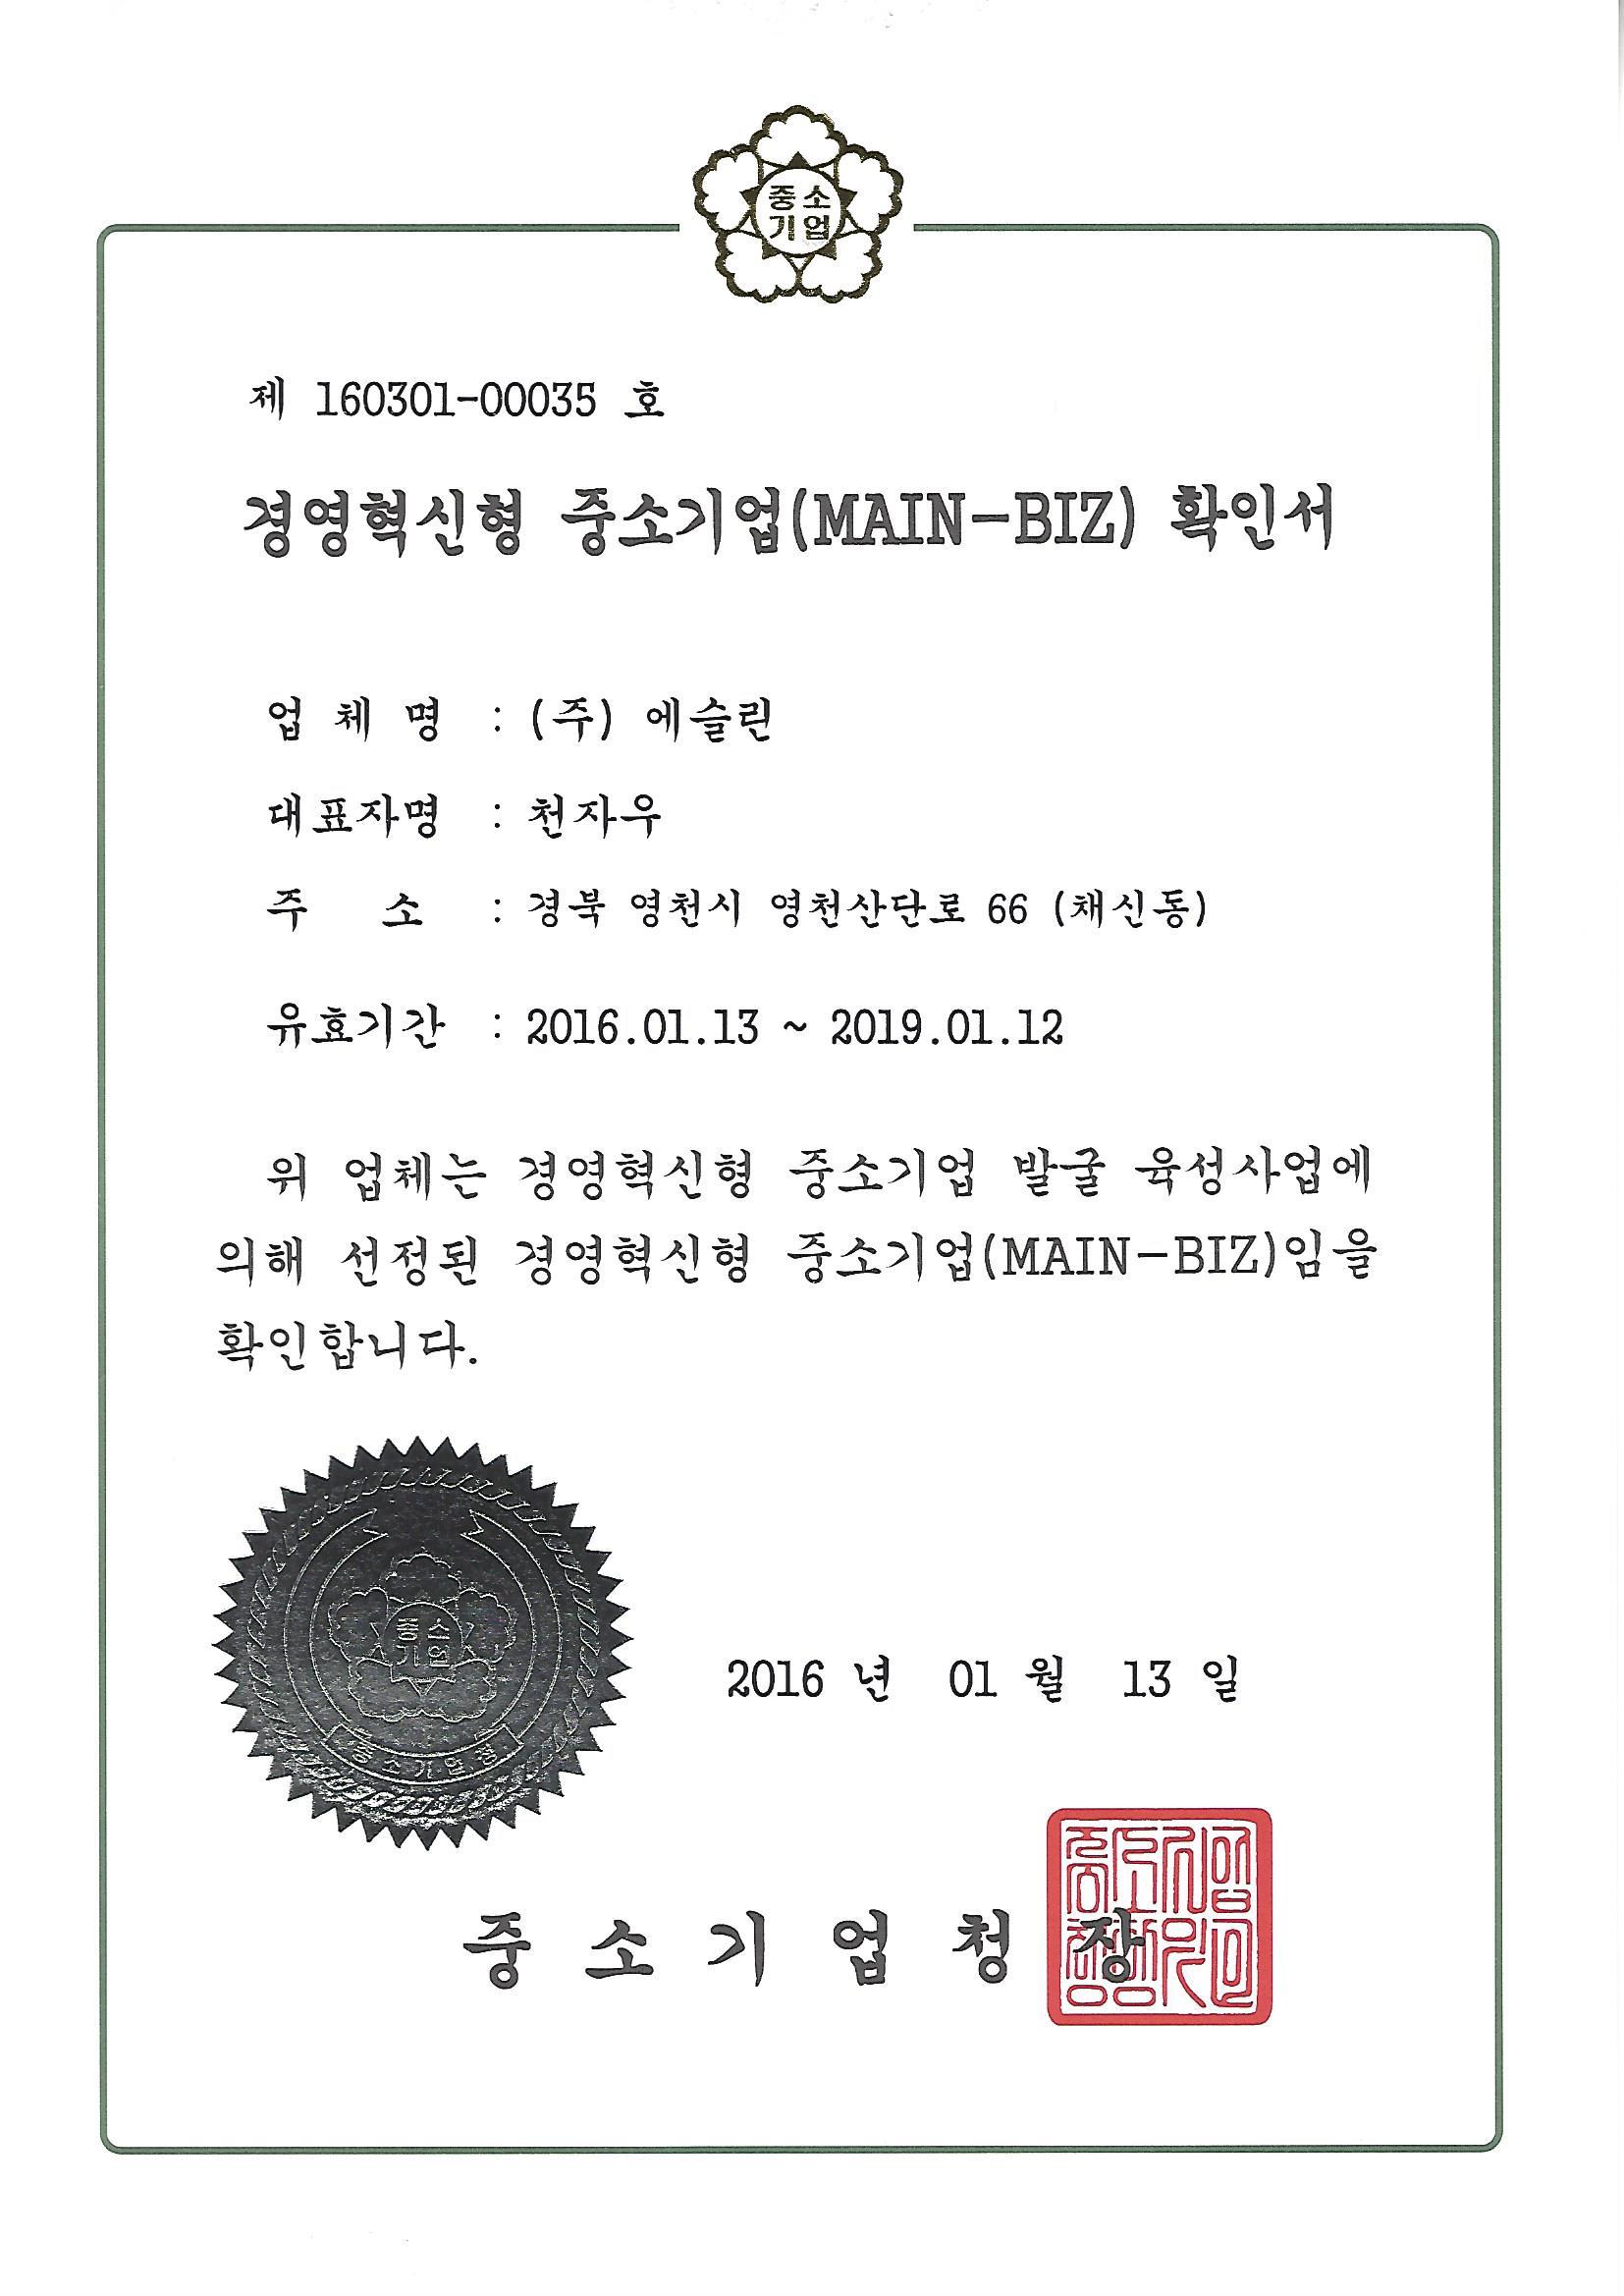 04_경영혁신형 중소기업 확인서(MAIN-BIZ)_(주)에슬린.jpg